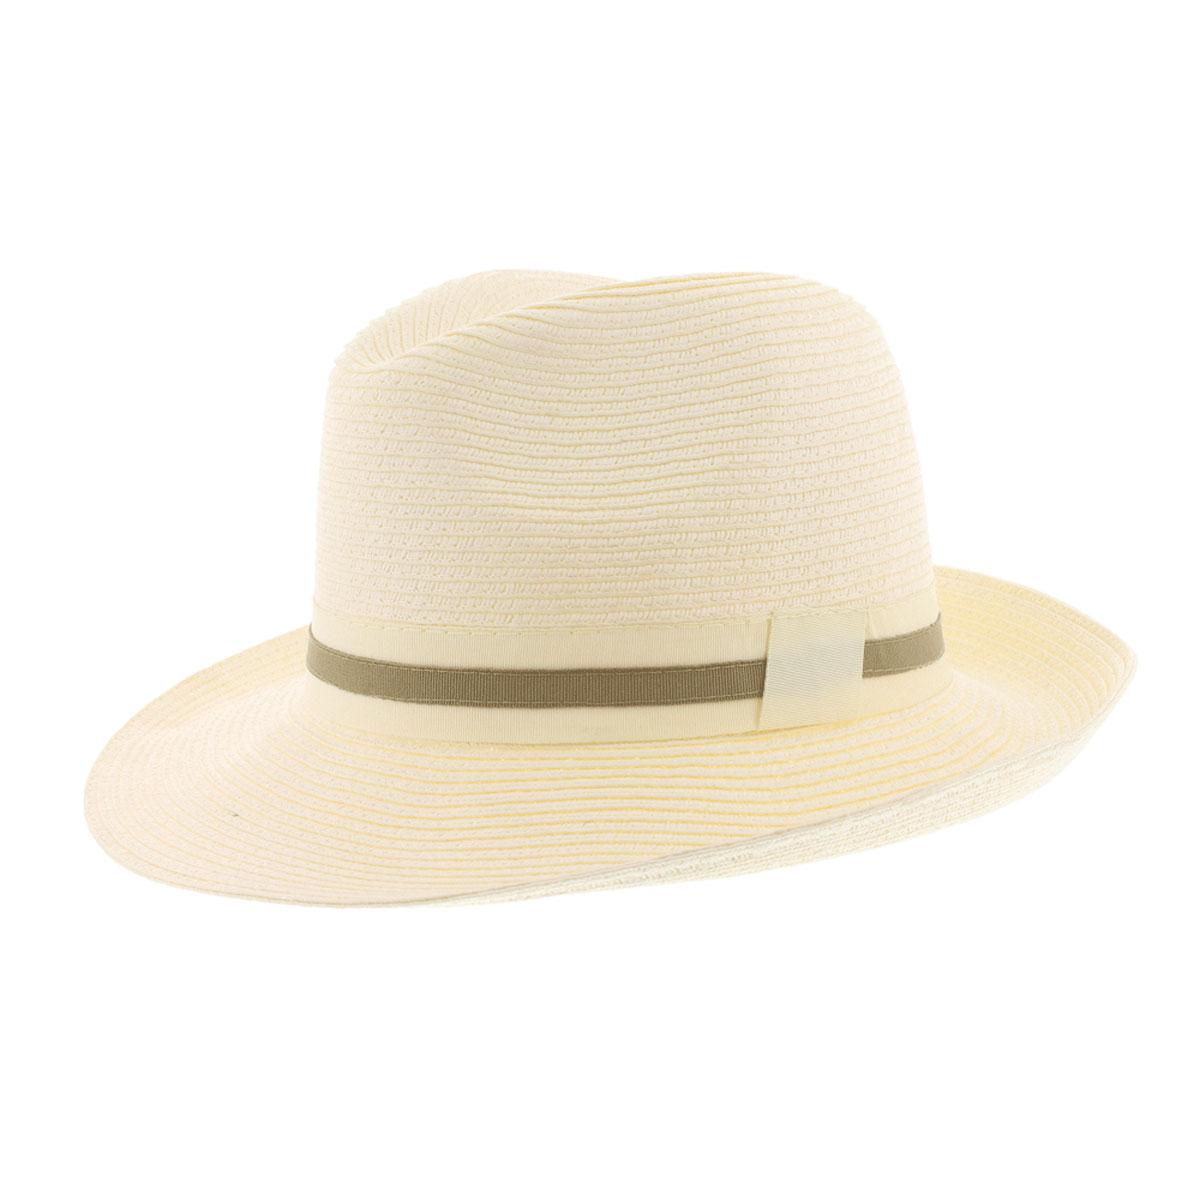 Шляпа Clapton. 77-088-0277-088-02Летняя шляпа R.Mountain Clara станет незаменимым аксессуаром для пляжа и отдыха на природе. Такая шляпка не только защитит вас от солнца, но и станет стильным дополнением вашего образа. Шляпа оформлена небольшим металлическим логотипом фирмы и контрастной лентой вокруг тульи. Плетение шляпы обеспечивает необходимую вентиляцию и комфорт даже в самый знойный день. Шляпа легко восстанавливает свою форму после сжатия. Эта элегантная легкая шляпка подчеркнет вашу неповторимость и дополнит ваш повседневный образ.